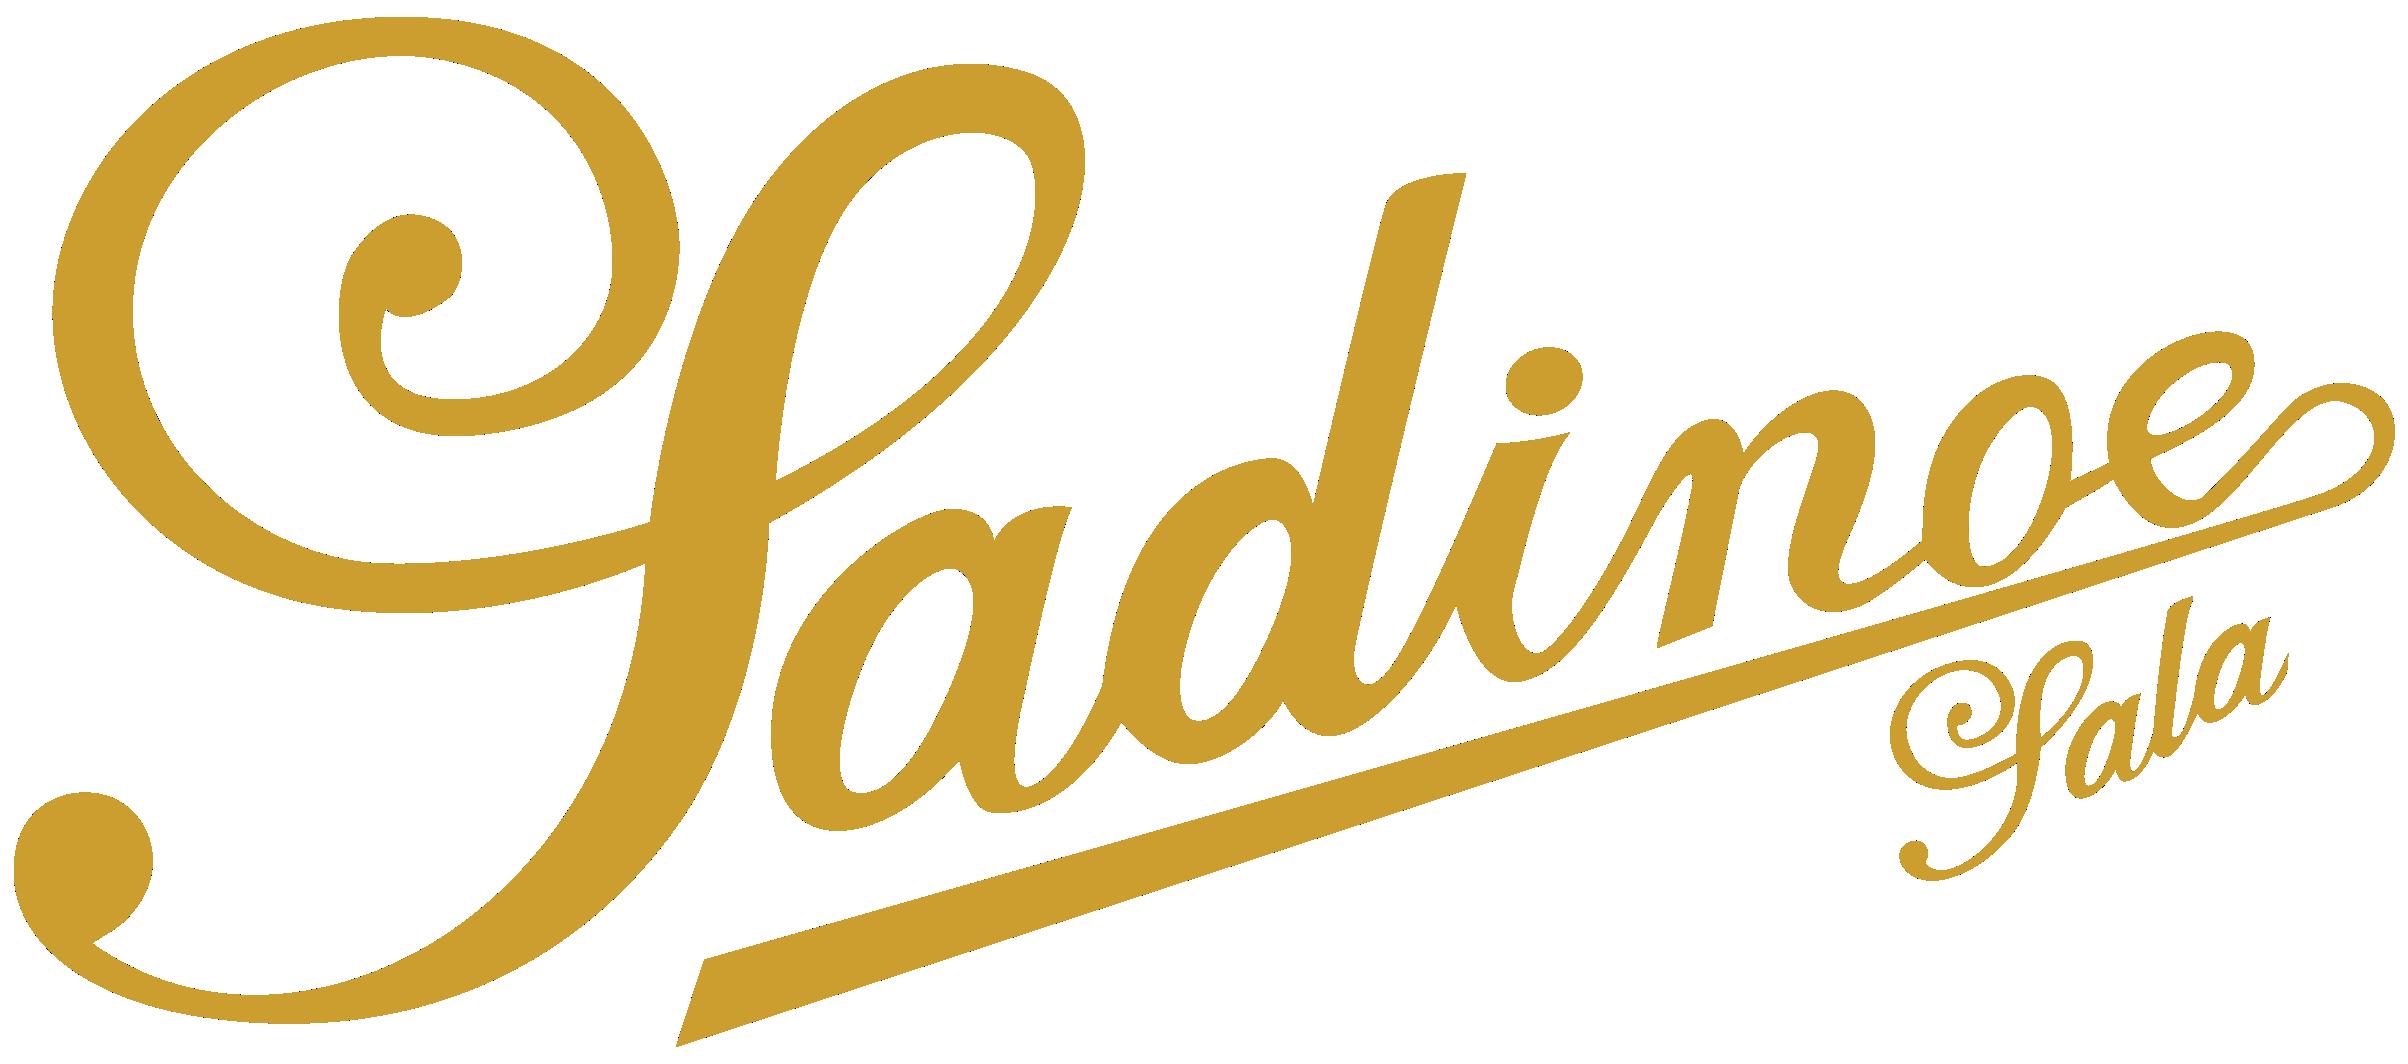 Sadinoe